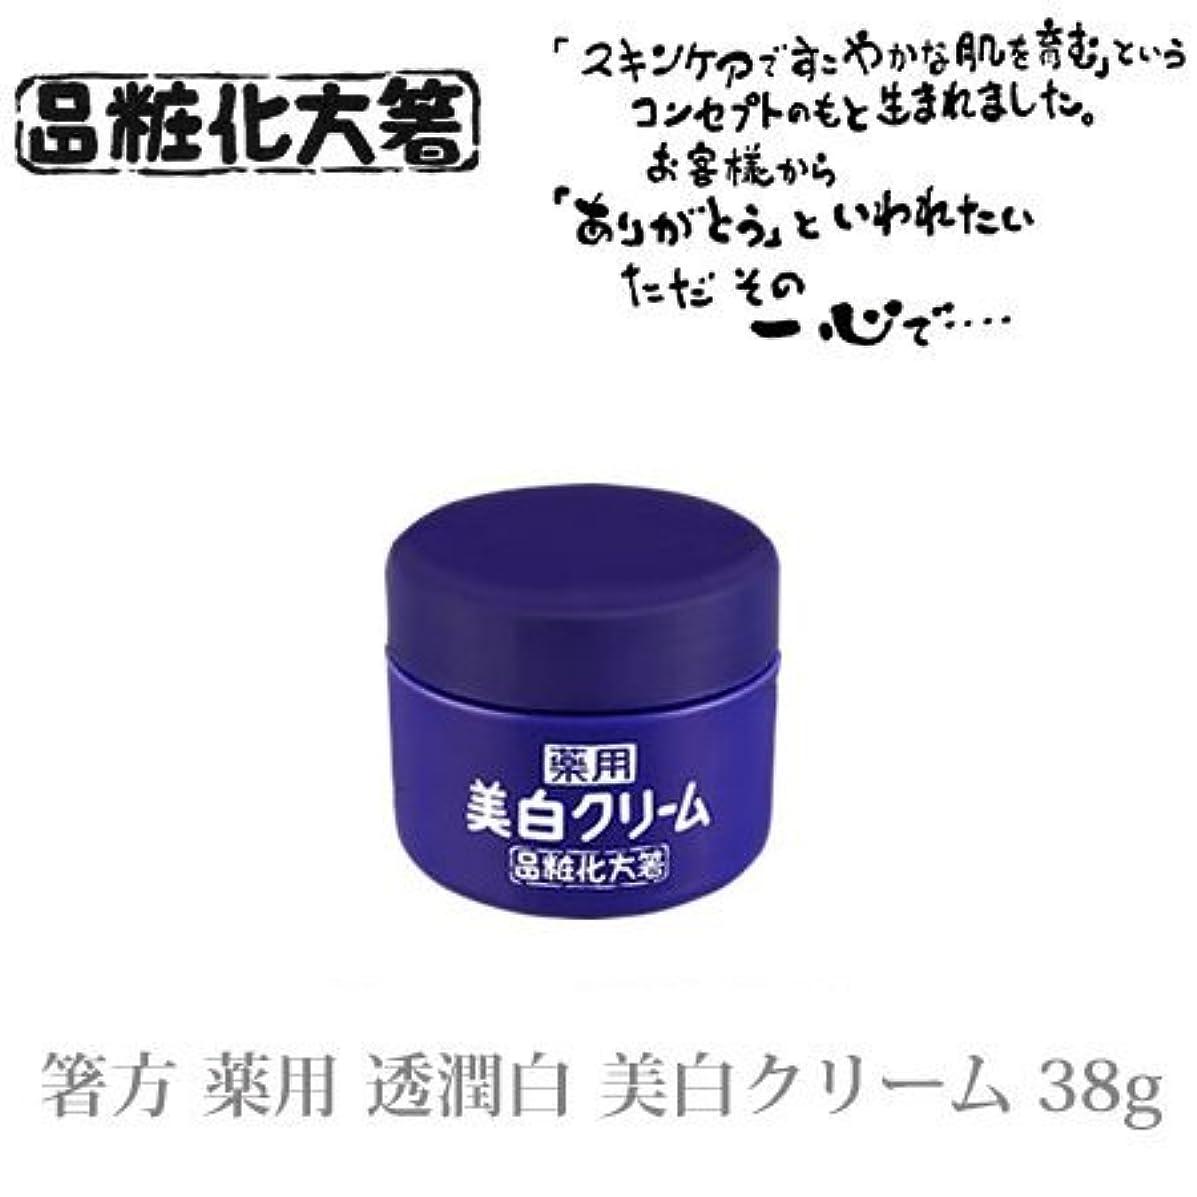 超高層ビル構造グリット箸方化粧品 薬用 透潤白 美白クリーム 38g はしかた化粧品